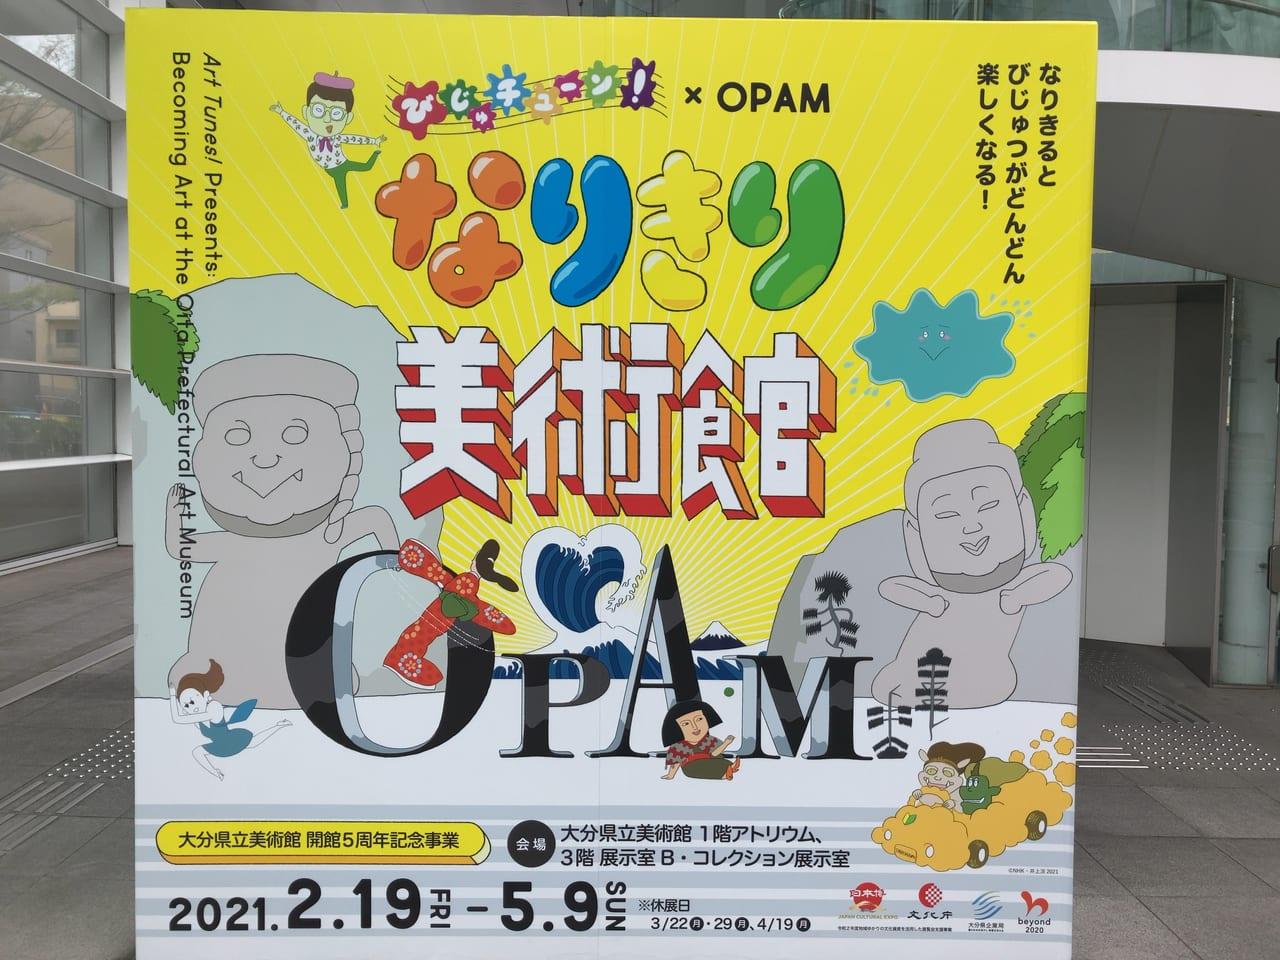 2021年大分県立美術館にてOPAM×びじゅチューン!の展覧会